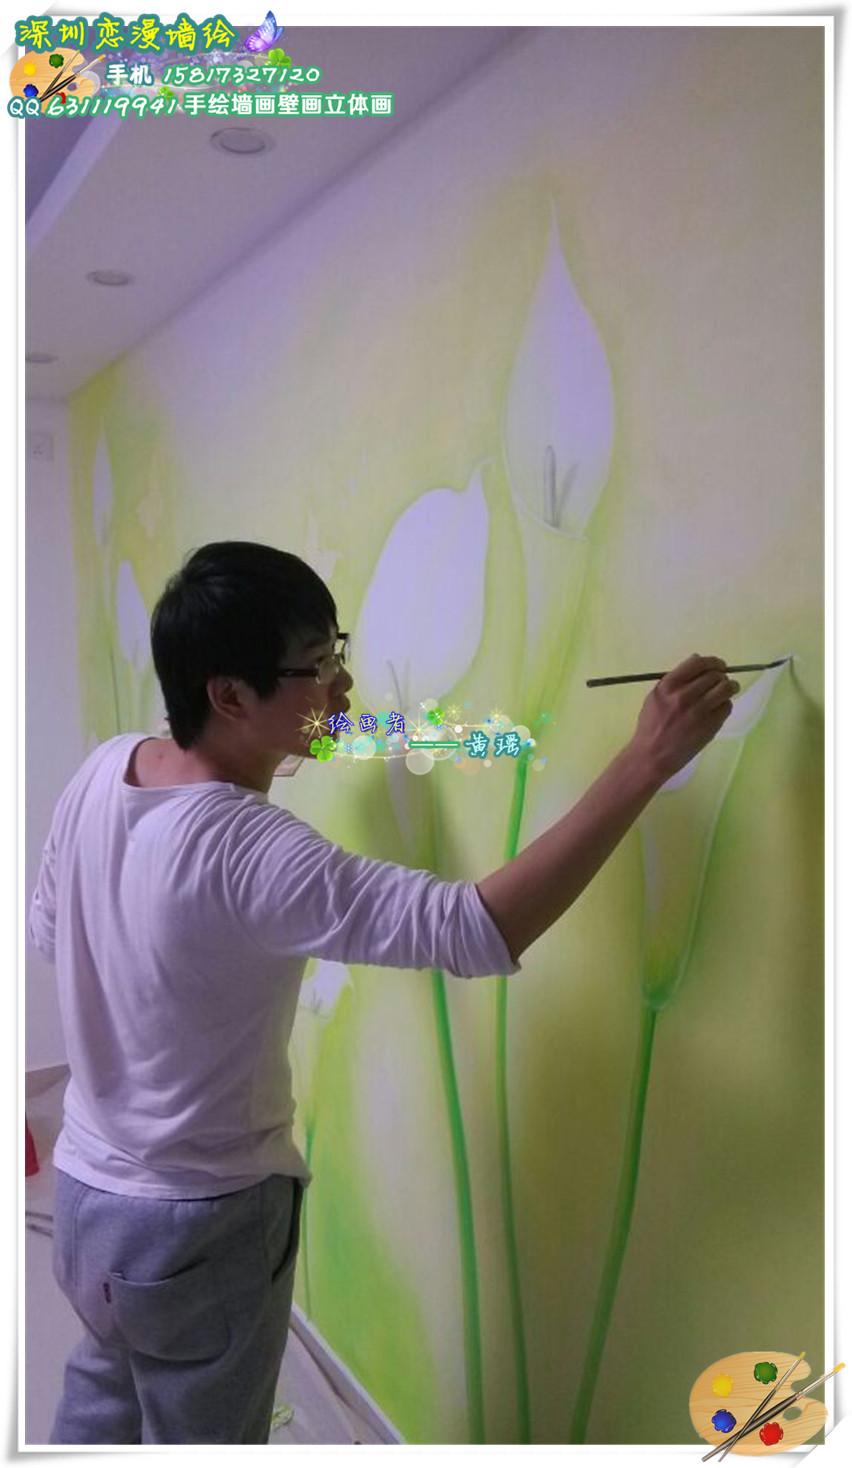 5月最新墙绘壁画手绘墙画作品 清新的马蹄莲电视背景